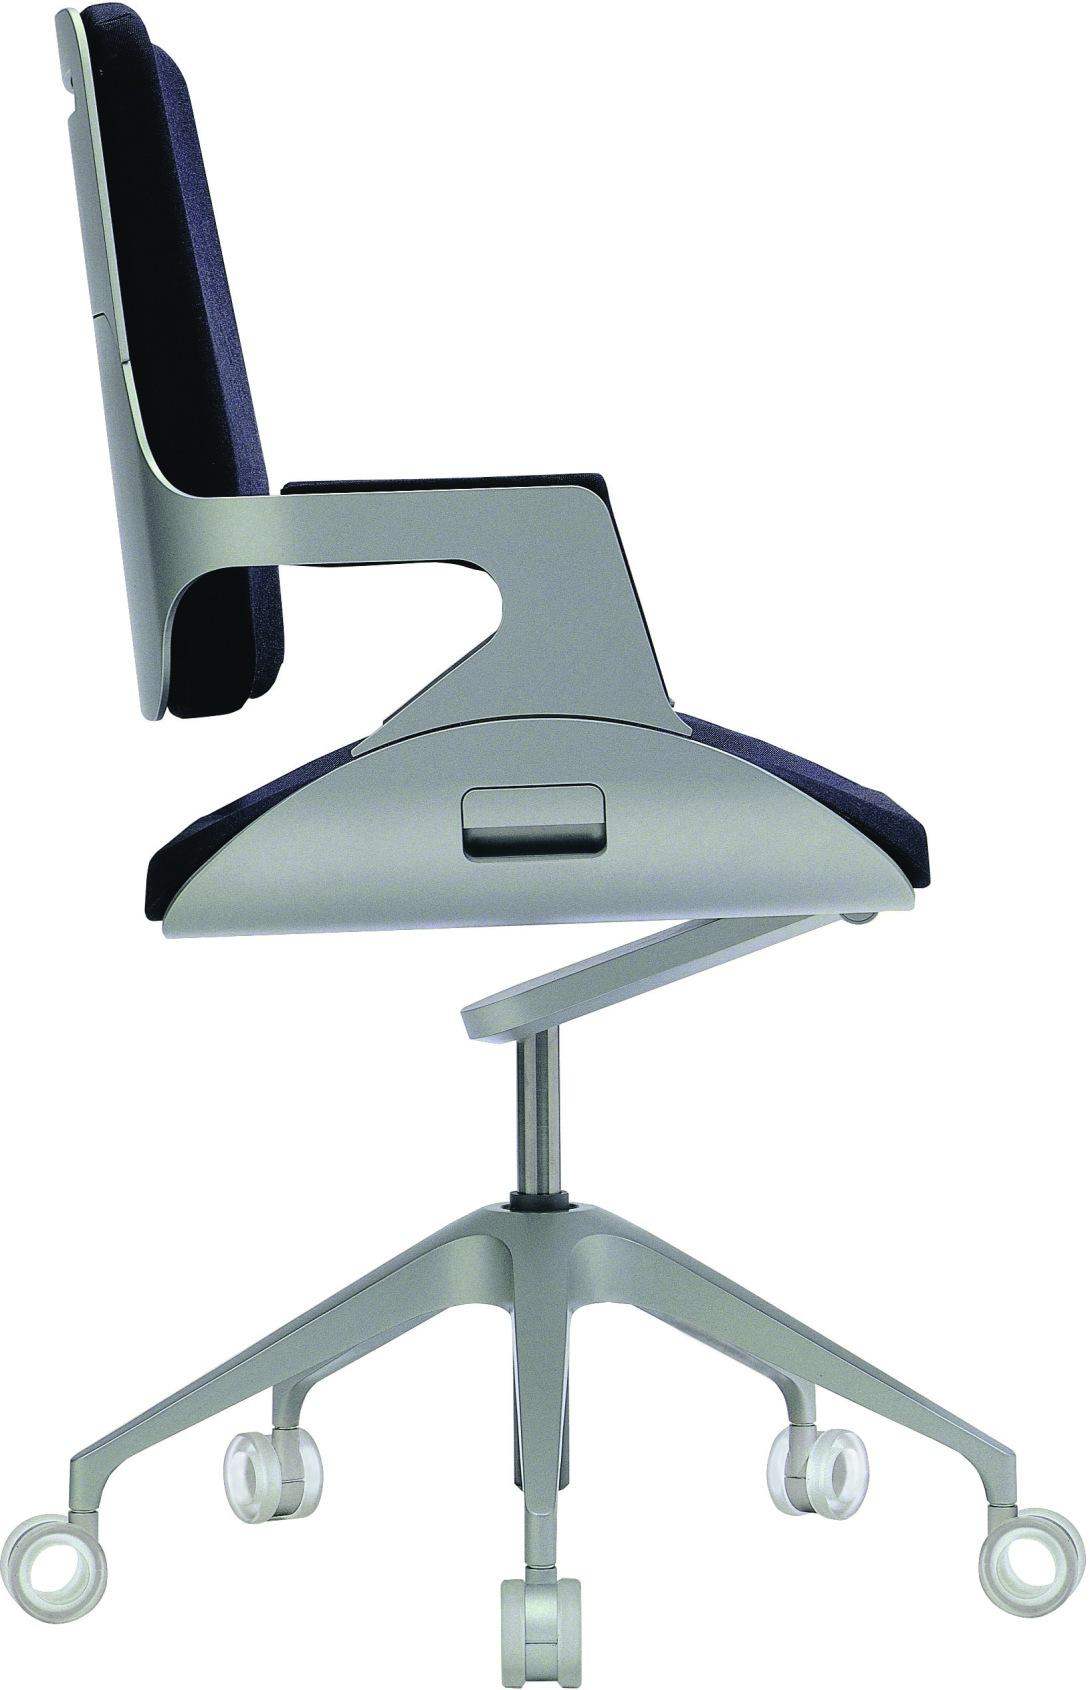 由Hadi Teherani所設計知名的辦公室座椅「Silver」。.jpg